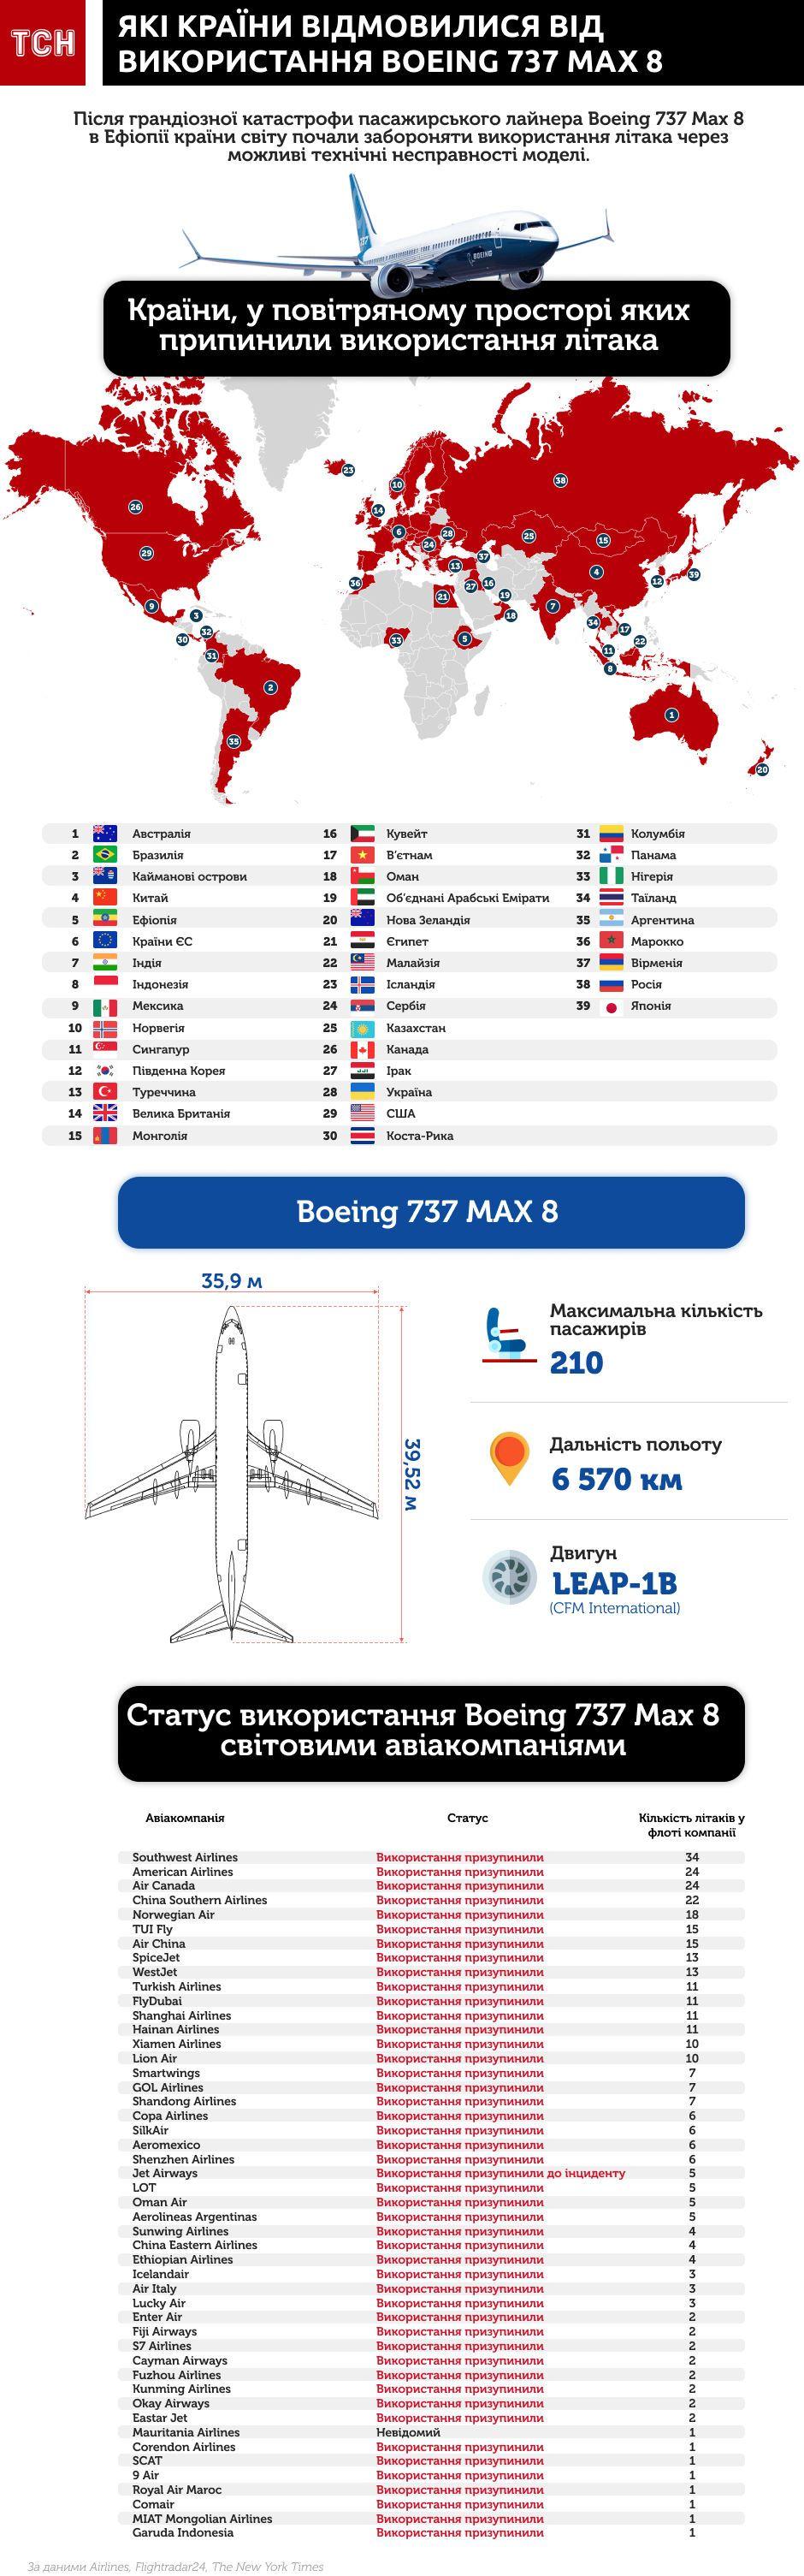 Які країни відмовилися від використання Boeing 737 інфографіка оновлена 5